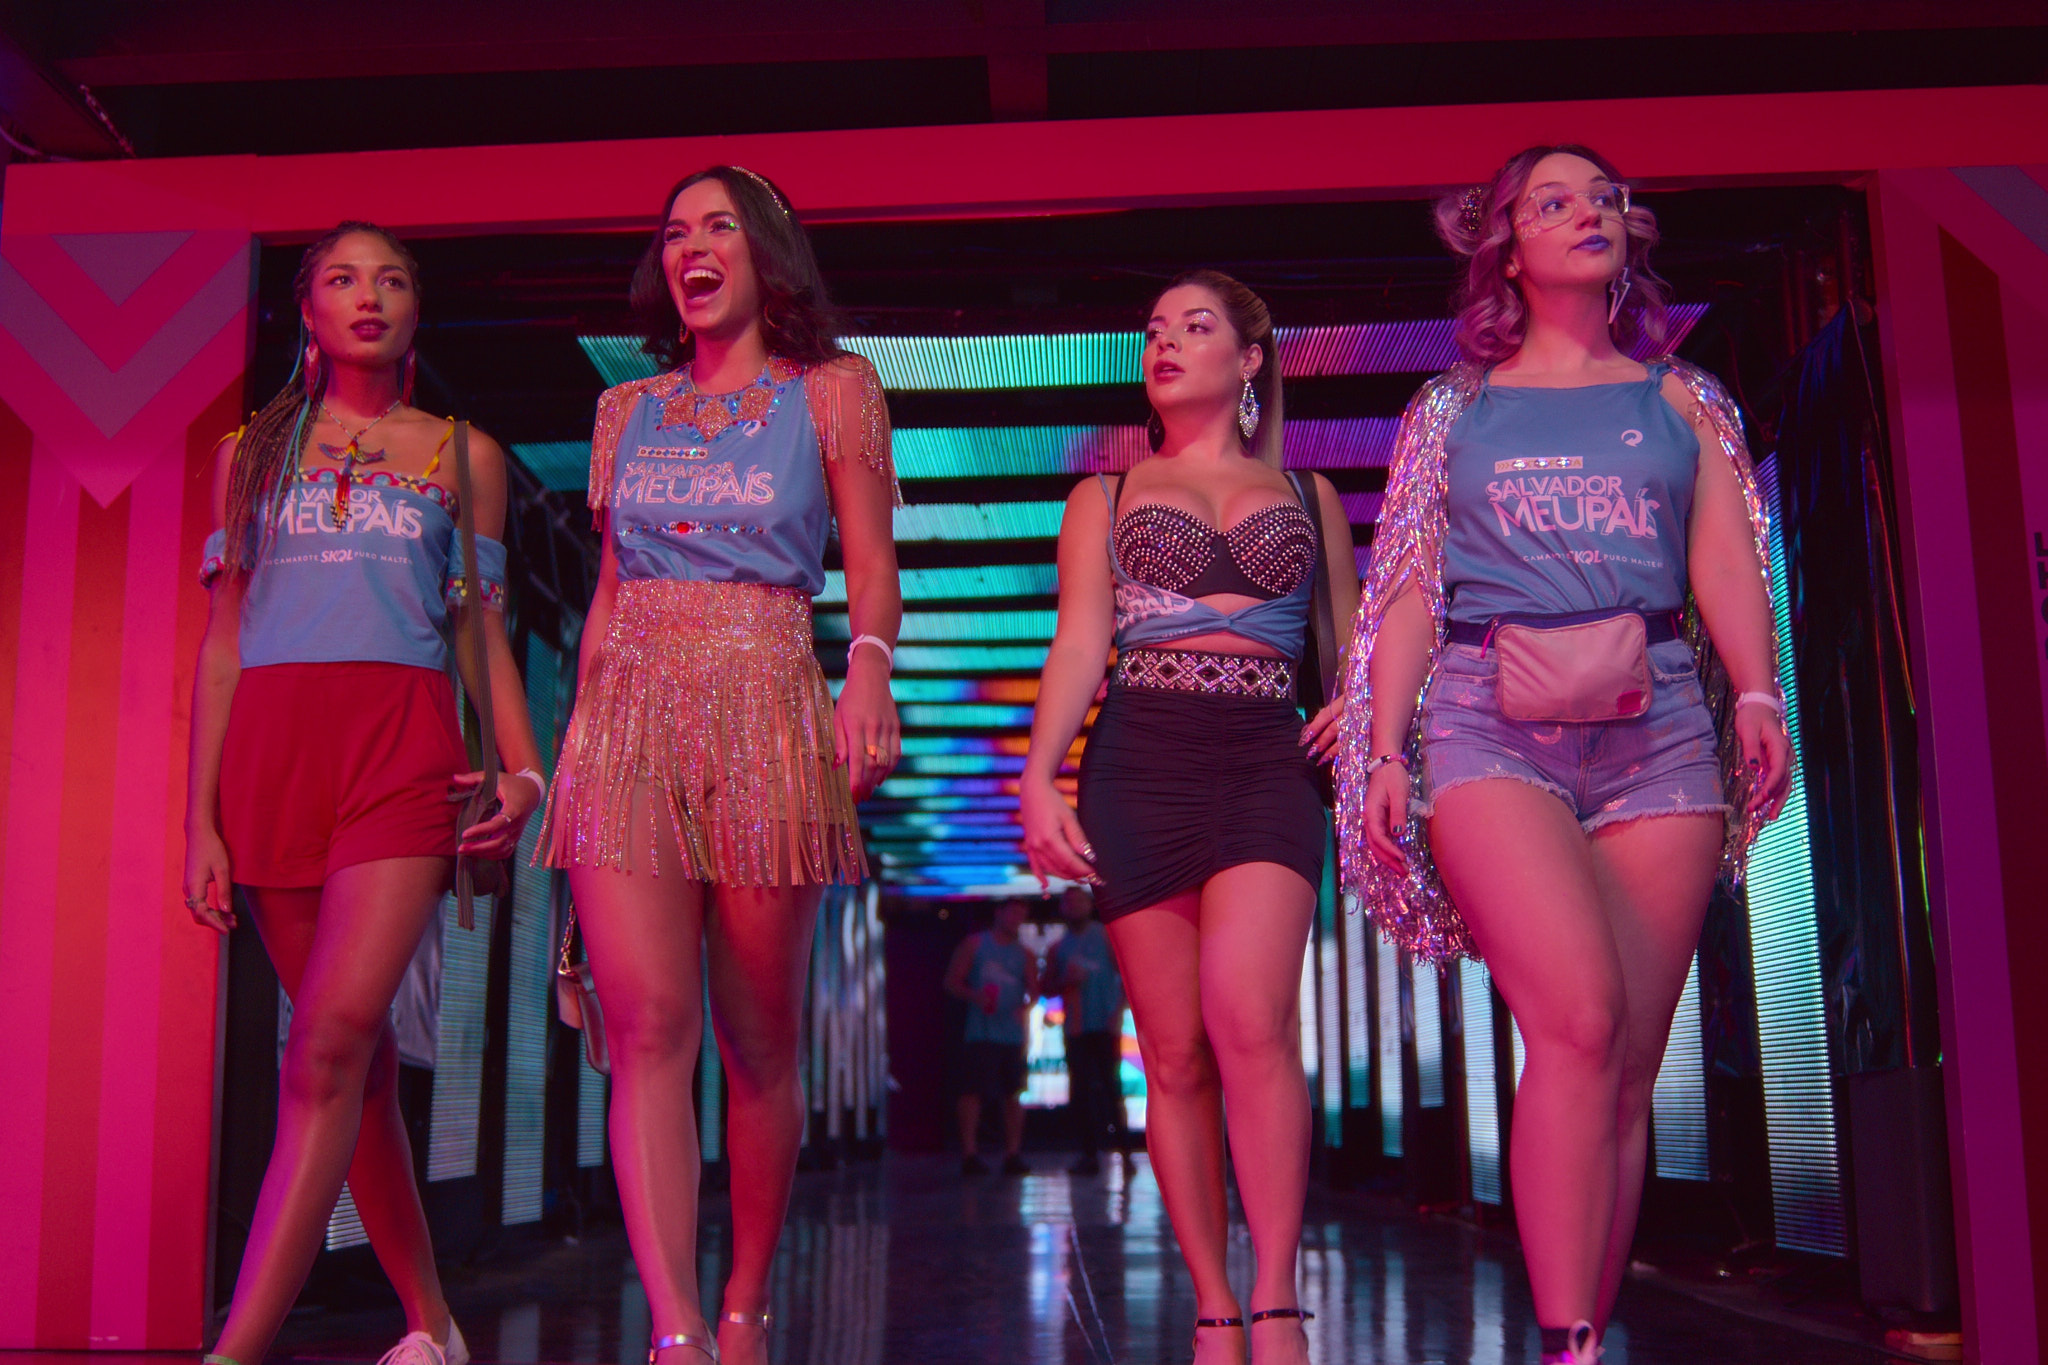 Na foto, 4 mulheres caminham em um corredor iluminado azul e rosa. Da direita para a esquerda, uma mulher branca, de cabelos rosas, usa uma blusa azul com mangas de brilho, um shorts jeans e uma pochete dourada, a segunda, mulher branca, usa um top com brilhos pratas e detalhes em azul, usa uma saia preta com um cinto prateado; está com os cabelos loiros presos em um rabo. A terceira, uma mulher negra, de cabelos pretos, usa uma blusa azul com detalhes em dourado, e uma saia dourada. A última, mulher negra, usa tranças nos cabelos pretos, uma blusa azul com um shorts vermelho